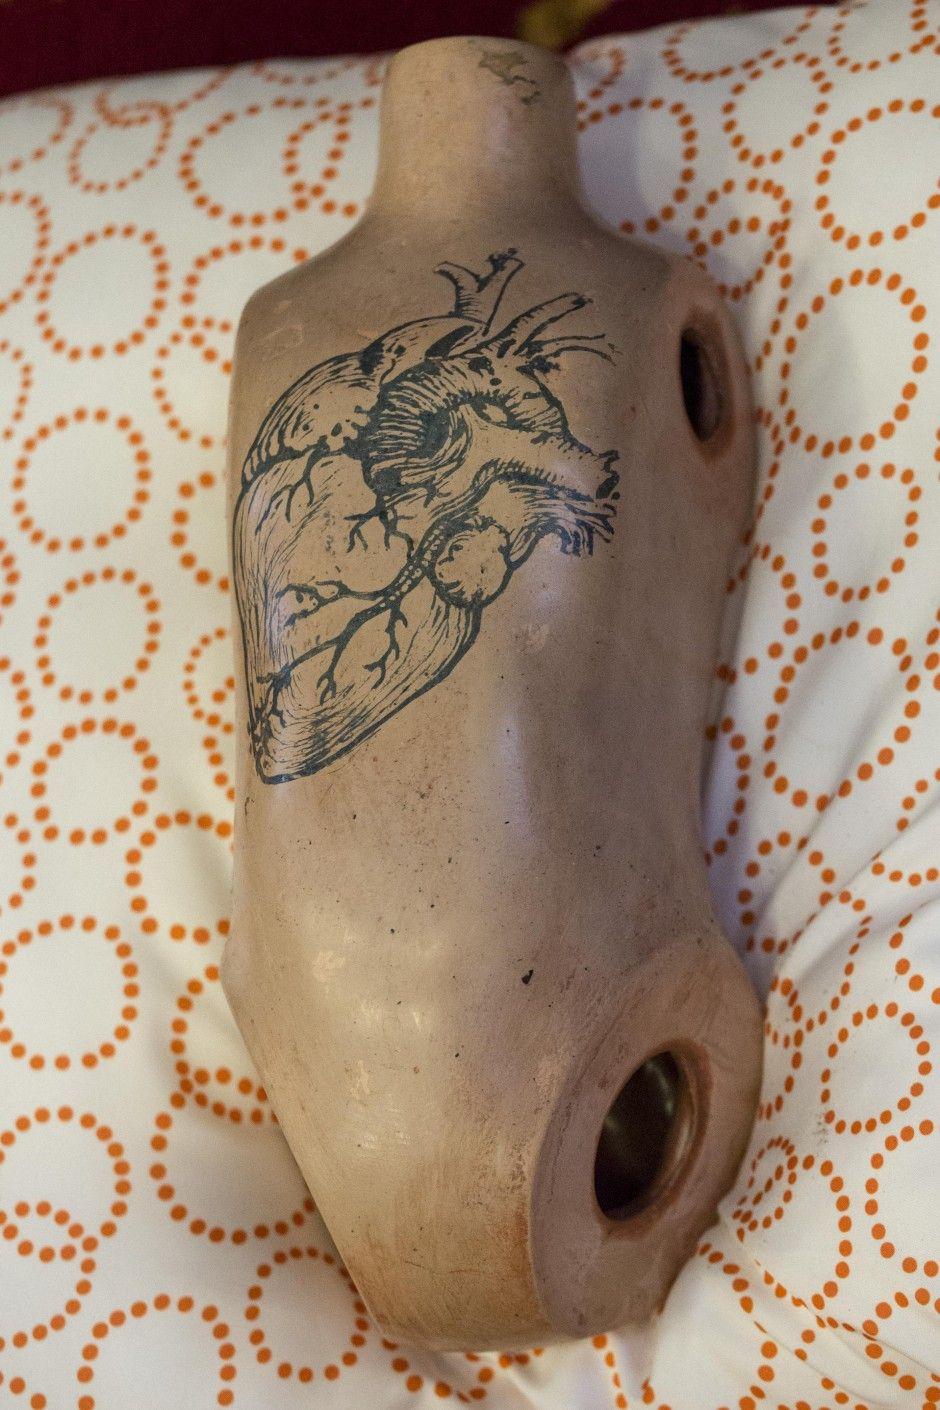 """Andriaus Ermino skulptūriniai objektai iš parodos """"Išmatuok savo skausmą promilėmis""""."""